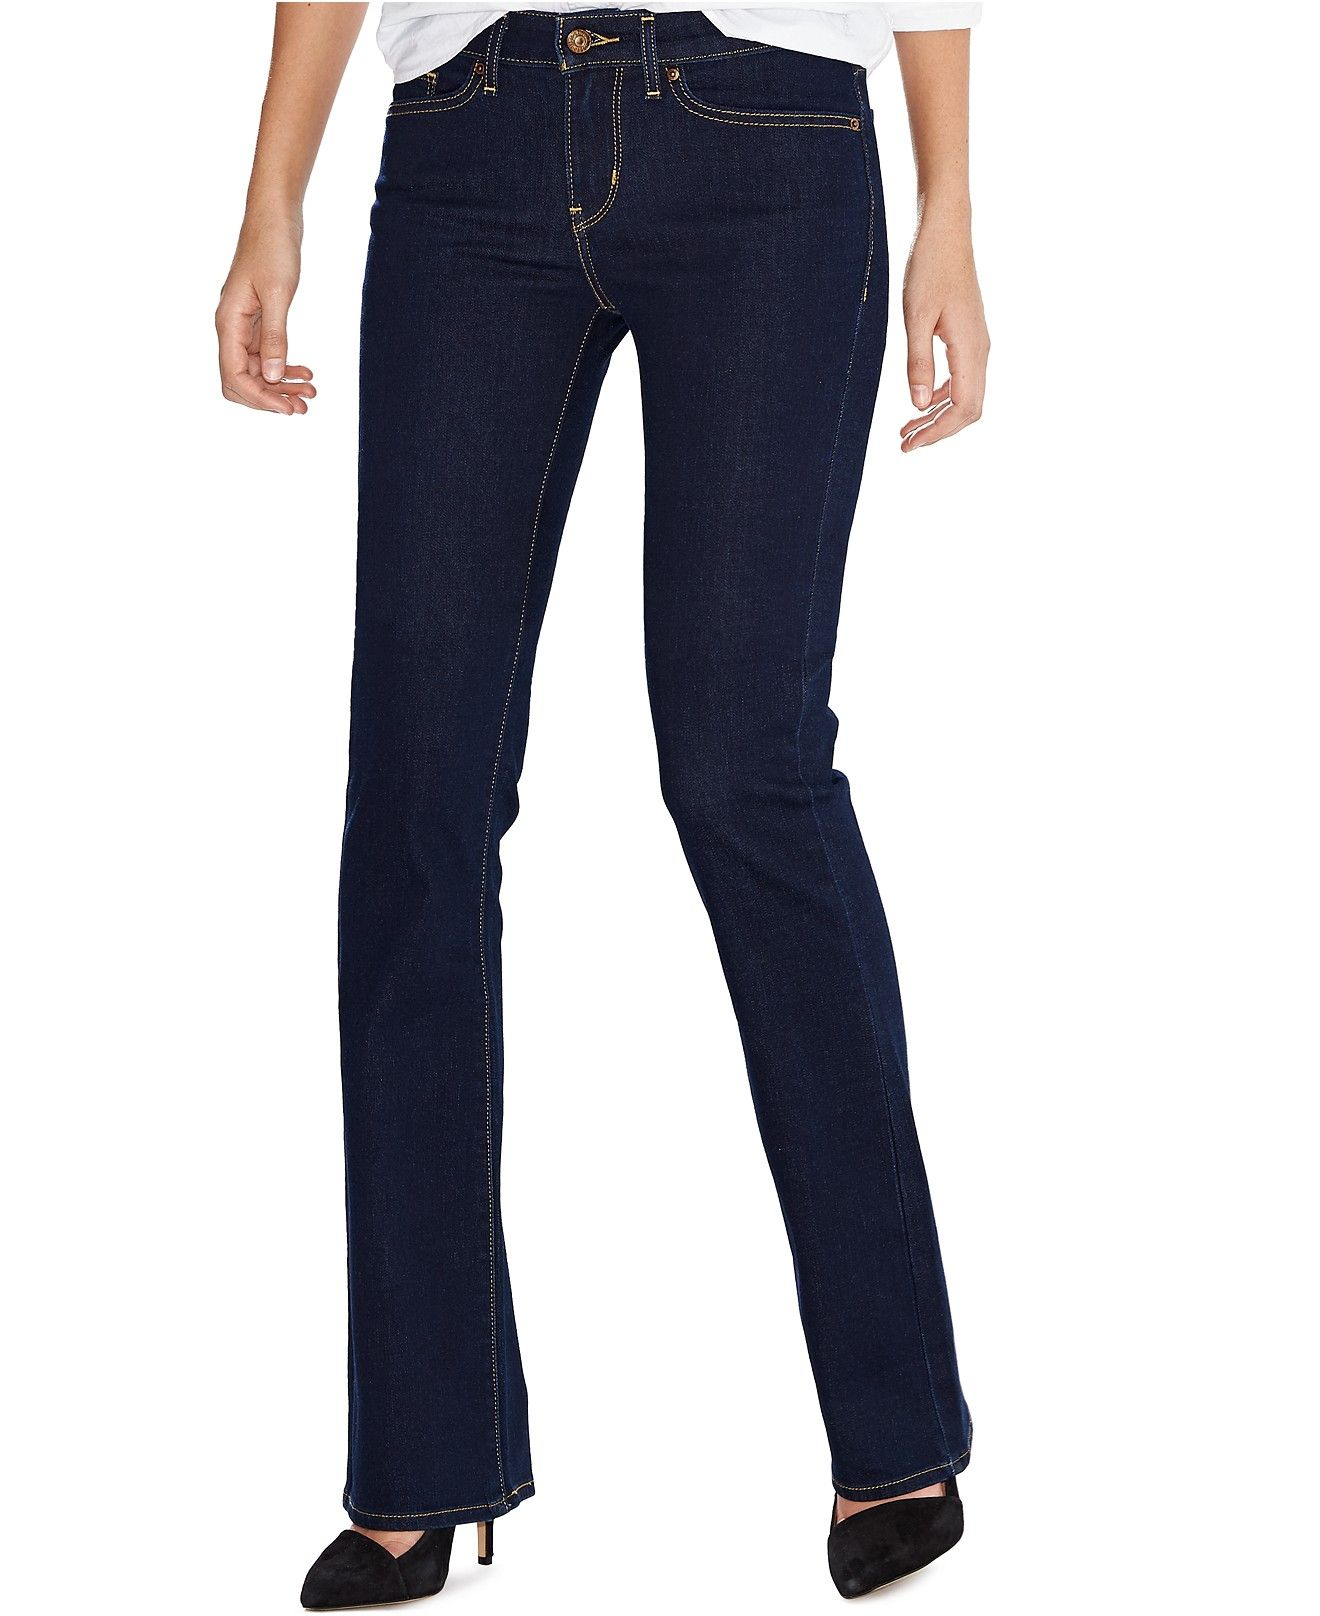 d1e63f4a680 715 Bootcut Jeans   Bottoms   Levi bootcut jeans, Jeans, Juniors jeans